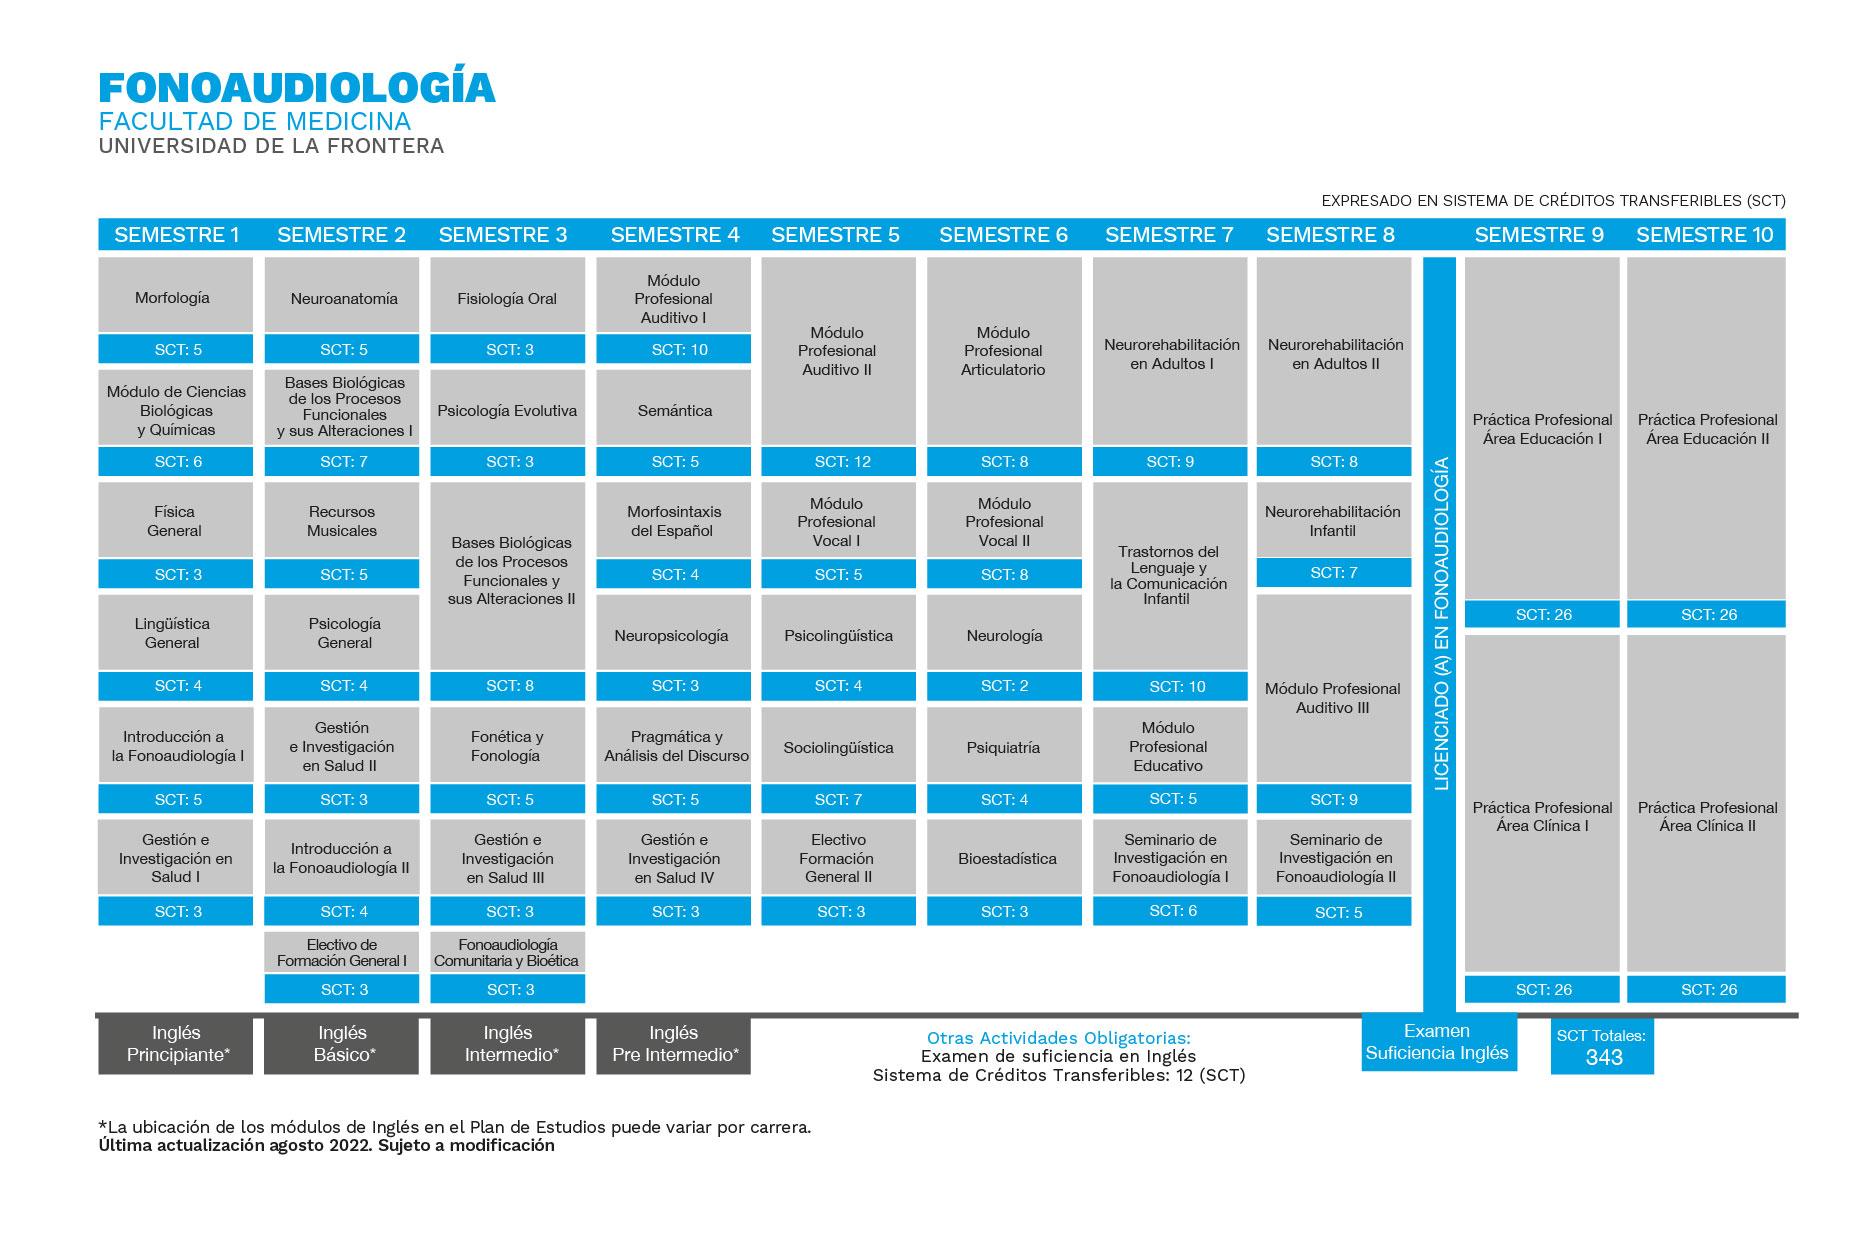 Plan de Estudios Fonoaudiología